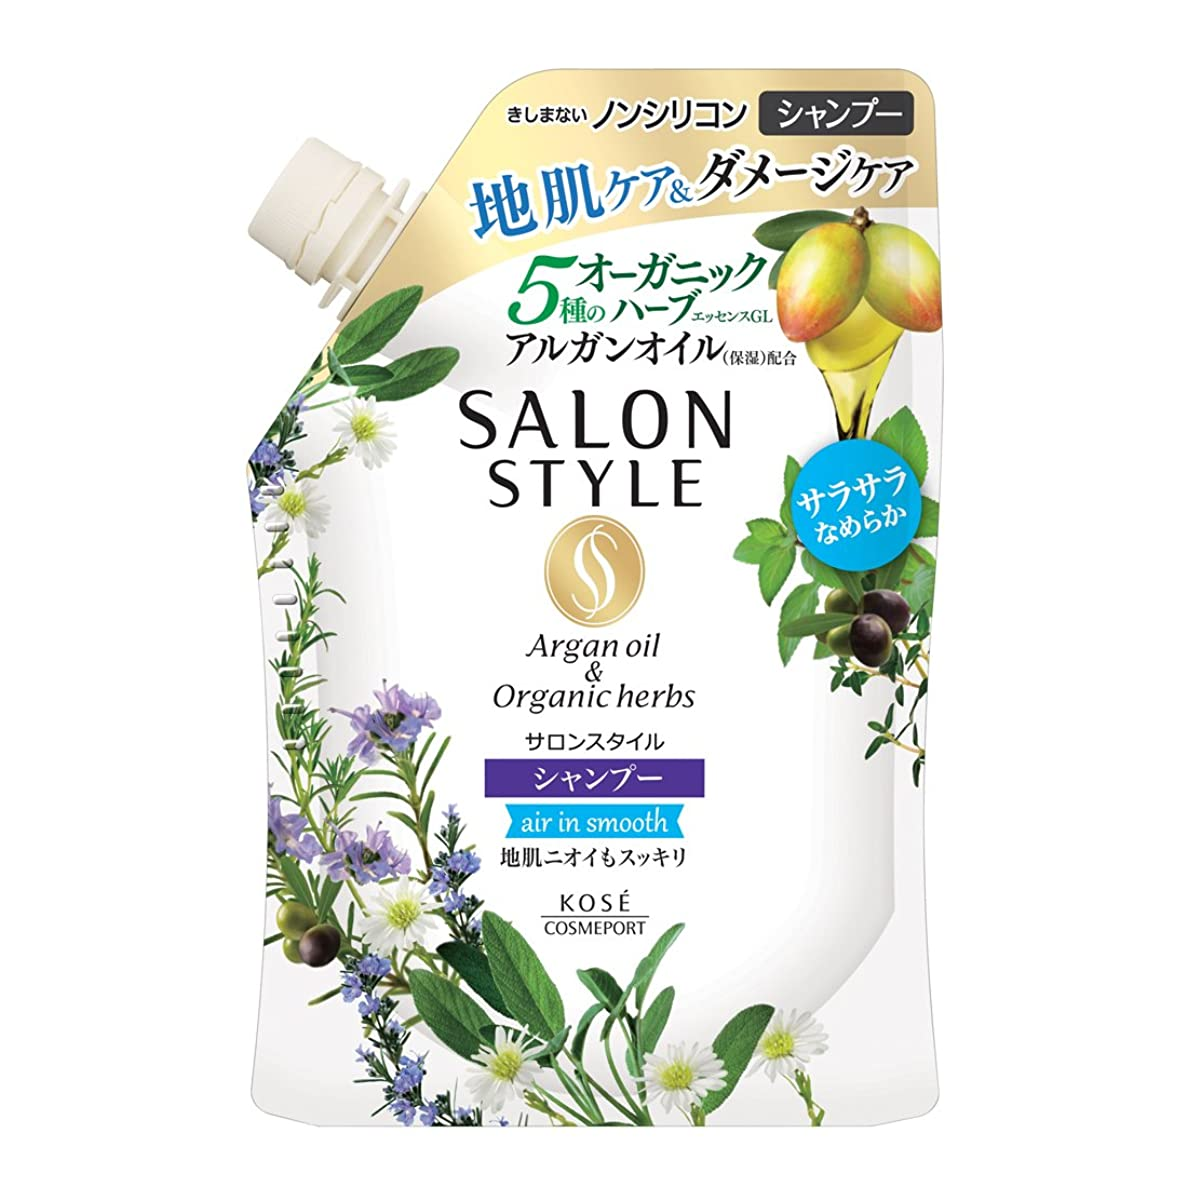 質素な生き物洗うKOSE コーセー SALON STYLE(サロンスタイル) ノンシリコンシャンプー (エアインスムース) 詰め替え 360ml